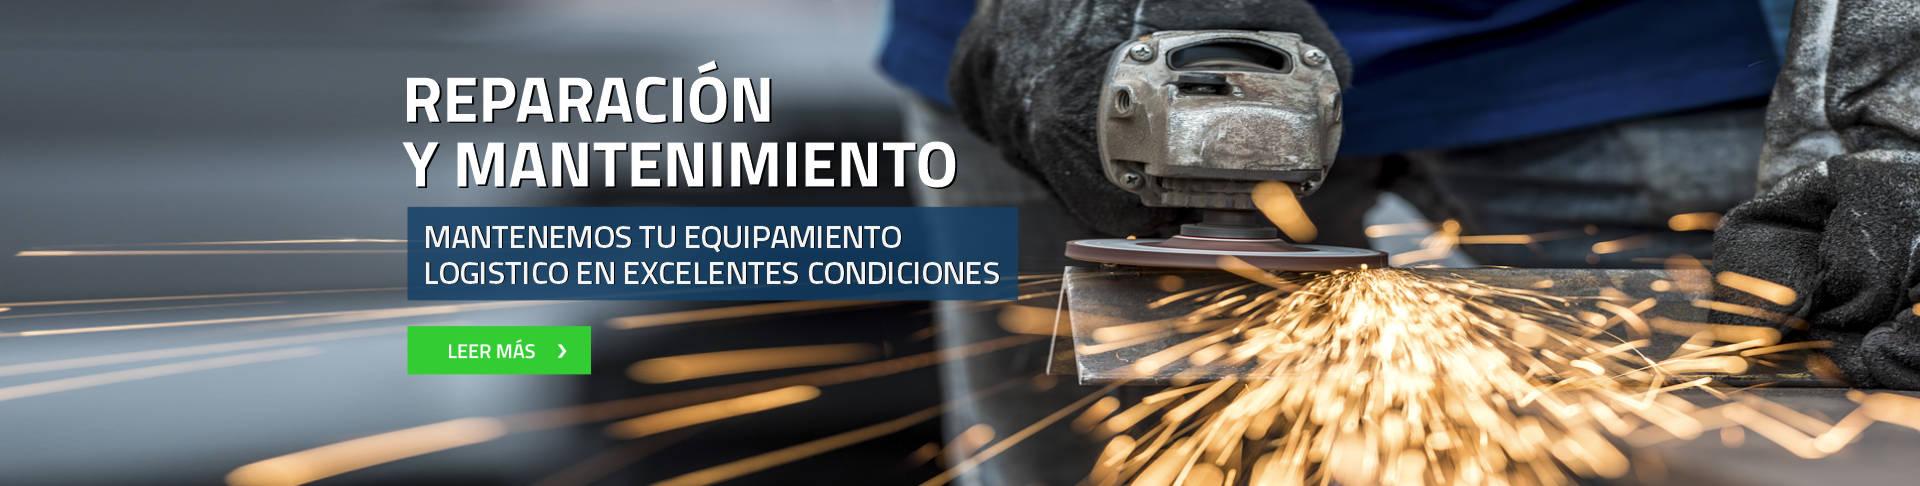 Reparación y mantenimiento mantenemos tu equipamiento logistico en excelentes condiciones